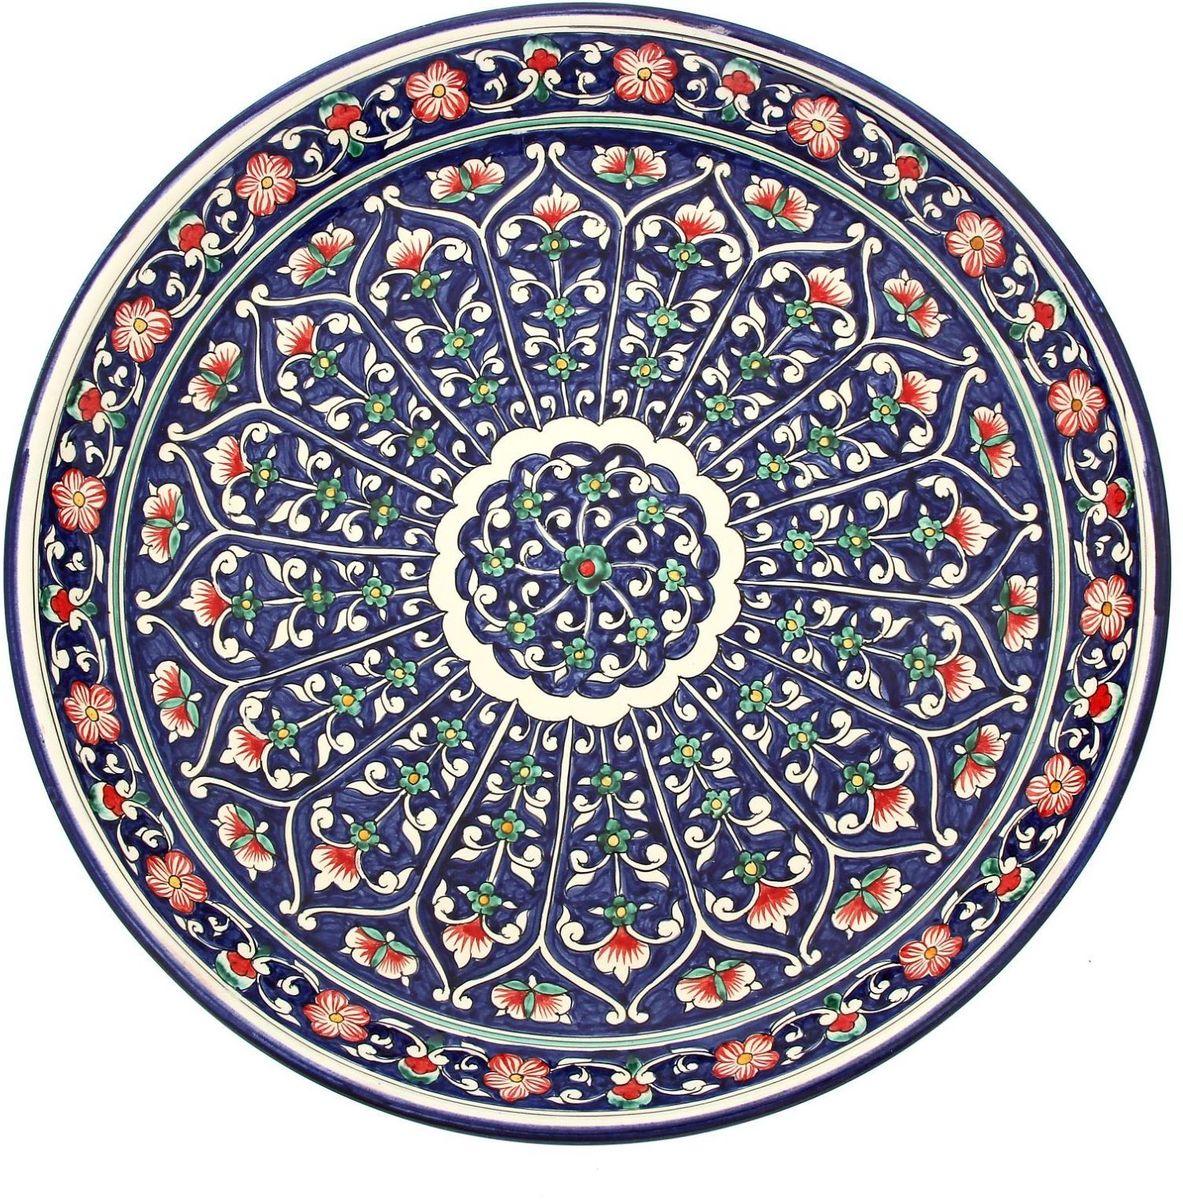 Ляган Риштанская керамика, диаметр 36 см. 19234871923487Ляган — это не просто обеденный атрибут, это украшение стола. Посуда с национальной росписью станет отменным подарком для ценителей высокородной посуды.Риштан — город на востоке Узбекистана, один из древнейших в Ферганской долине. С давних времён Риштан славится своим гончарным искусством изготовления цветной керамики. Красноватую глину для изделия добывают в самом городе. Мастера утверждают, что их глина настолько высокого качества, что даже не нуждается в предварительной обработке. Дополните коллекцию кухонных аксессуаров пряными восточными нотами.